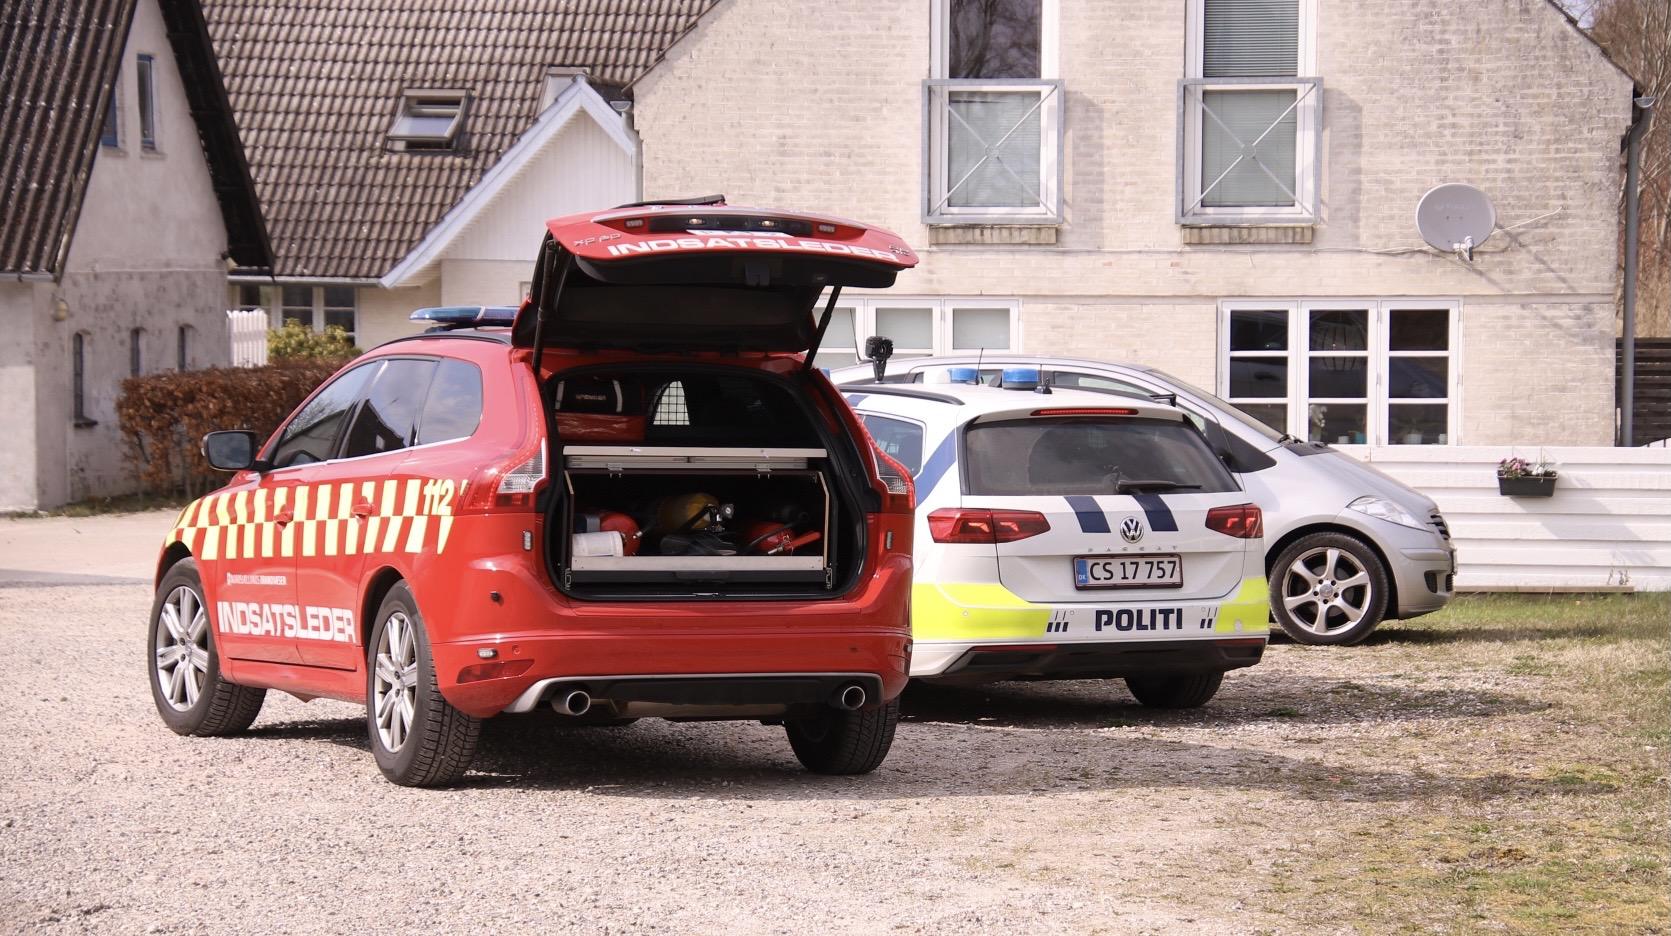 Gårdbrand i Fredensborg - startet af ukrudtsbrænder